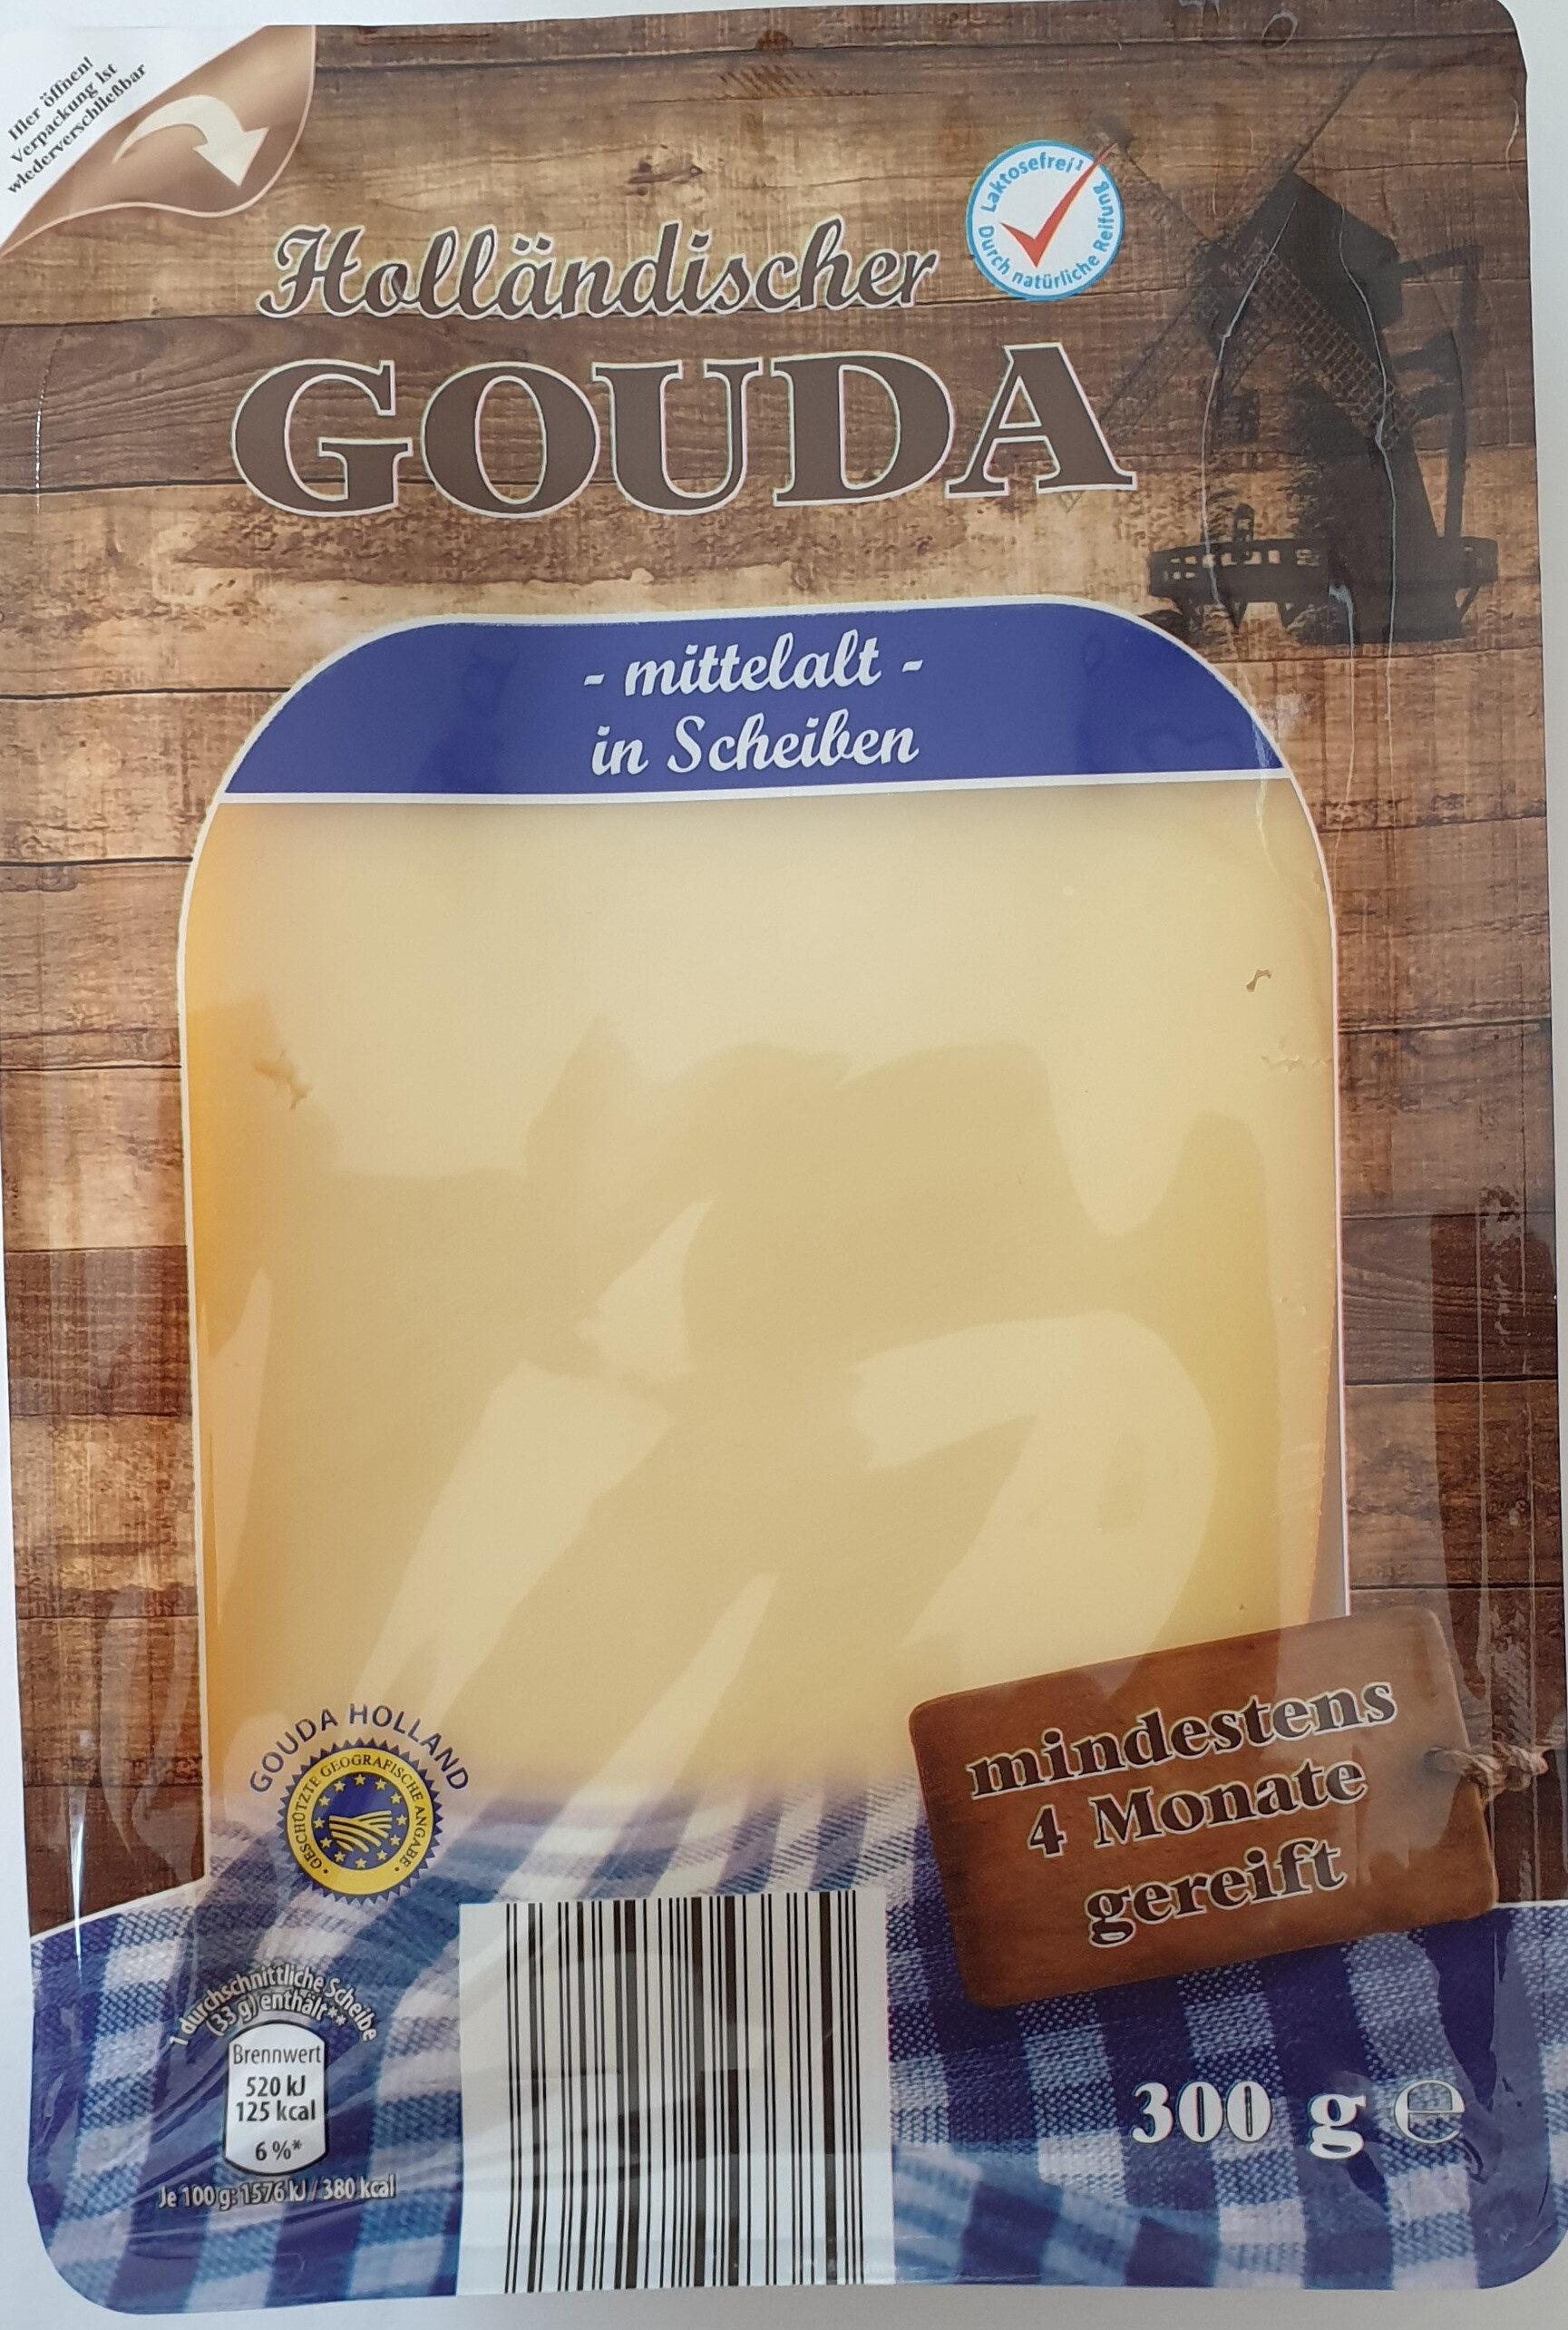 Holländischer Gouda, mittelalt, in Scheiben - Product - de